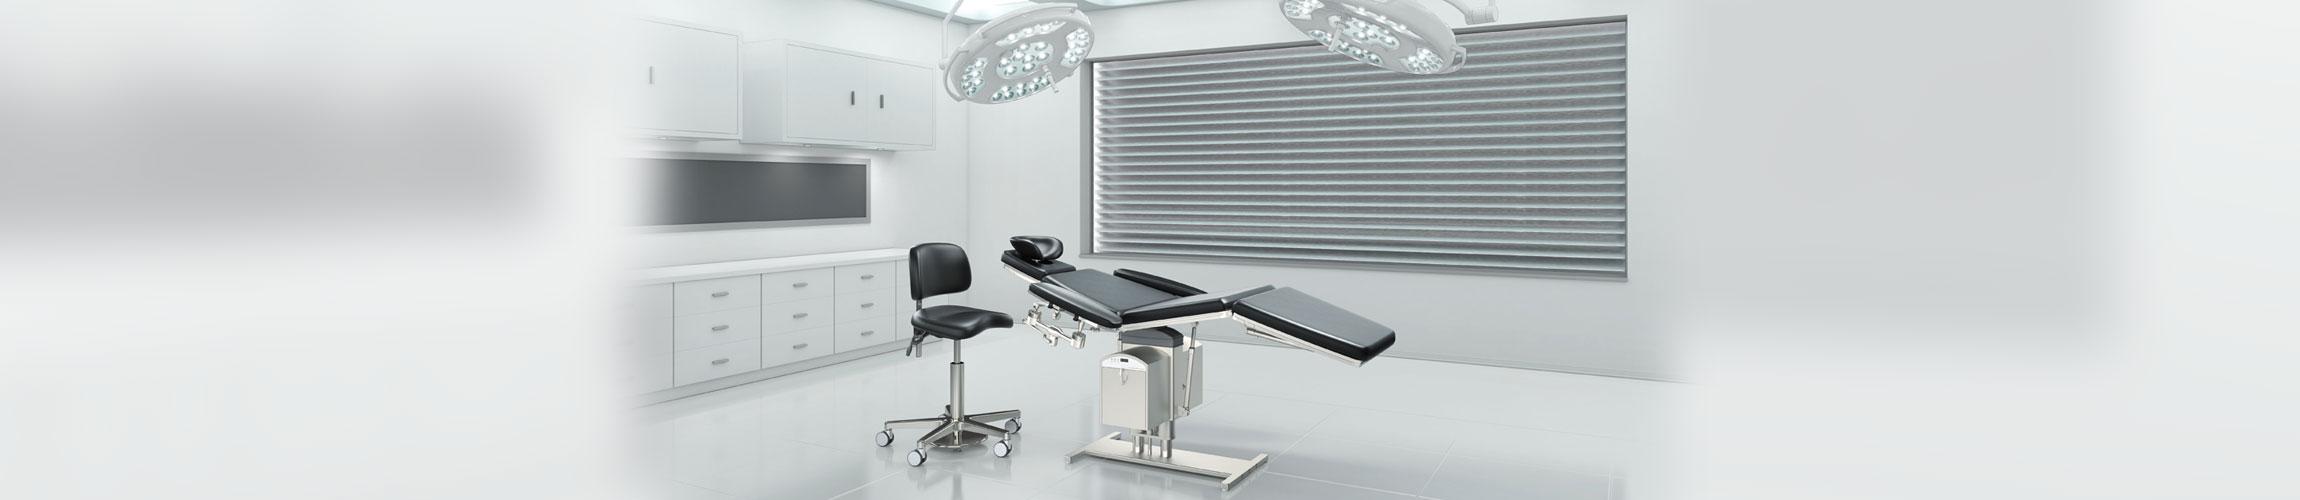 cerrahi-operasyon-masasi